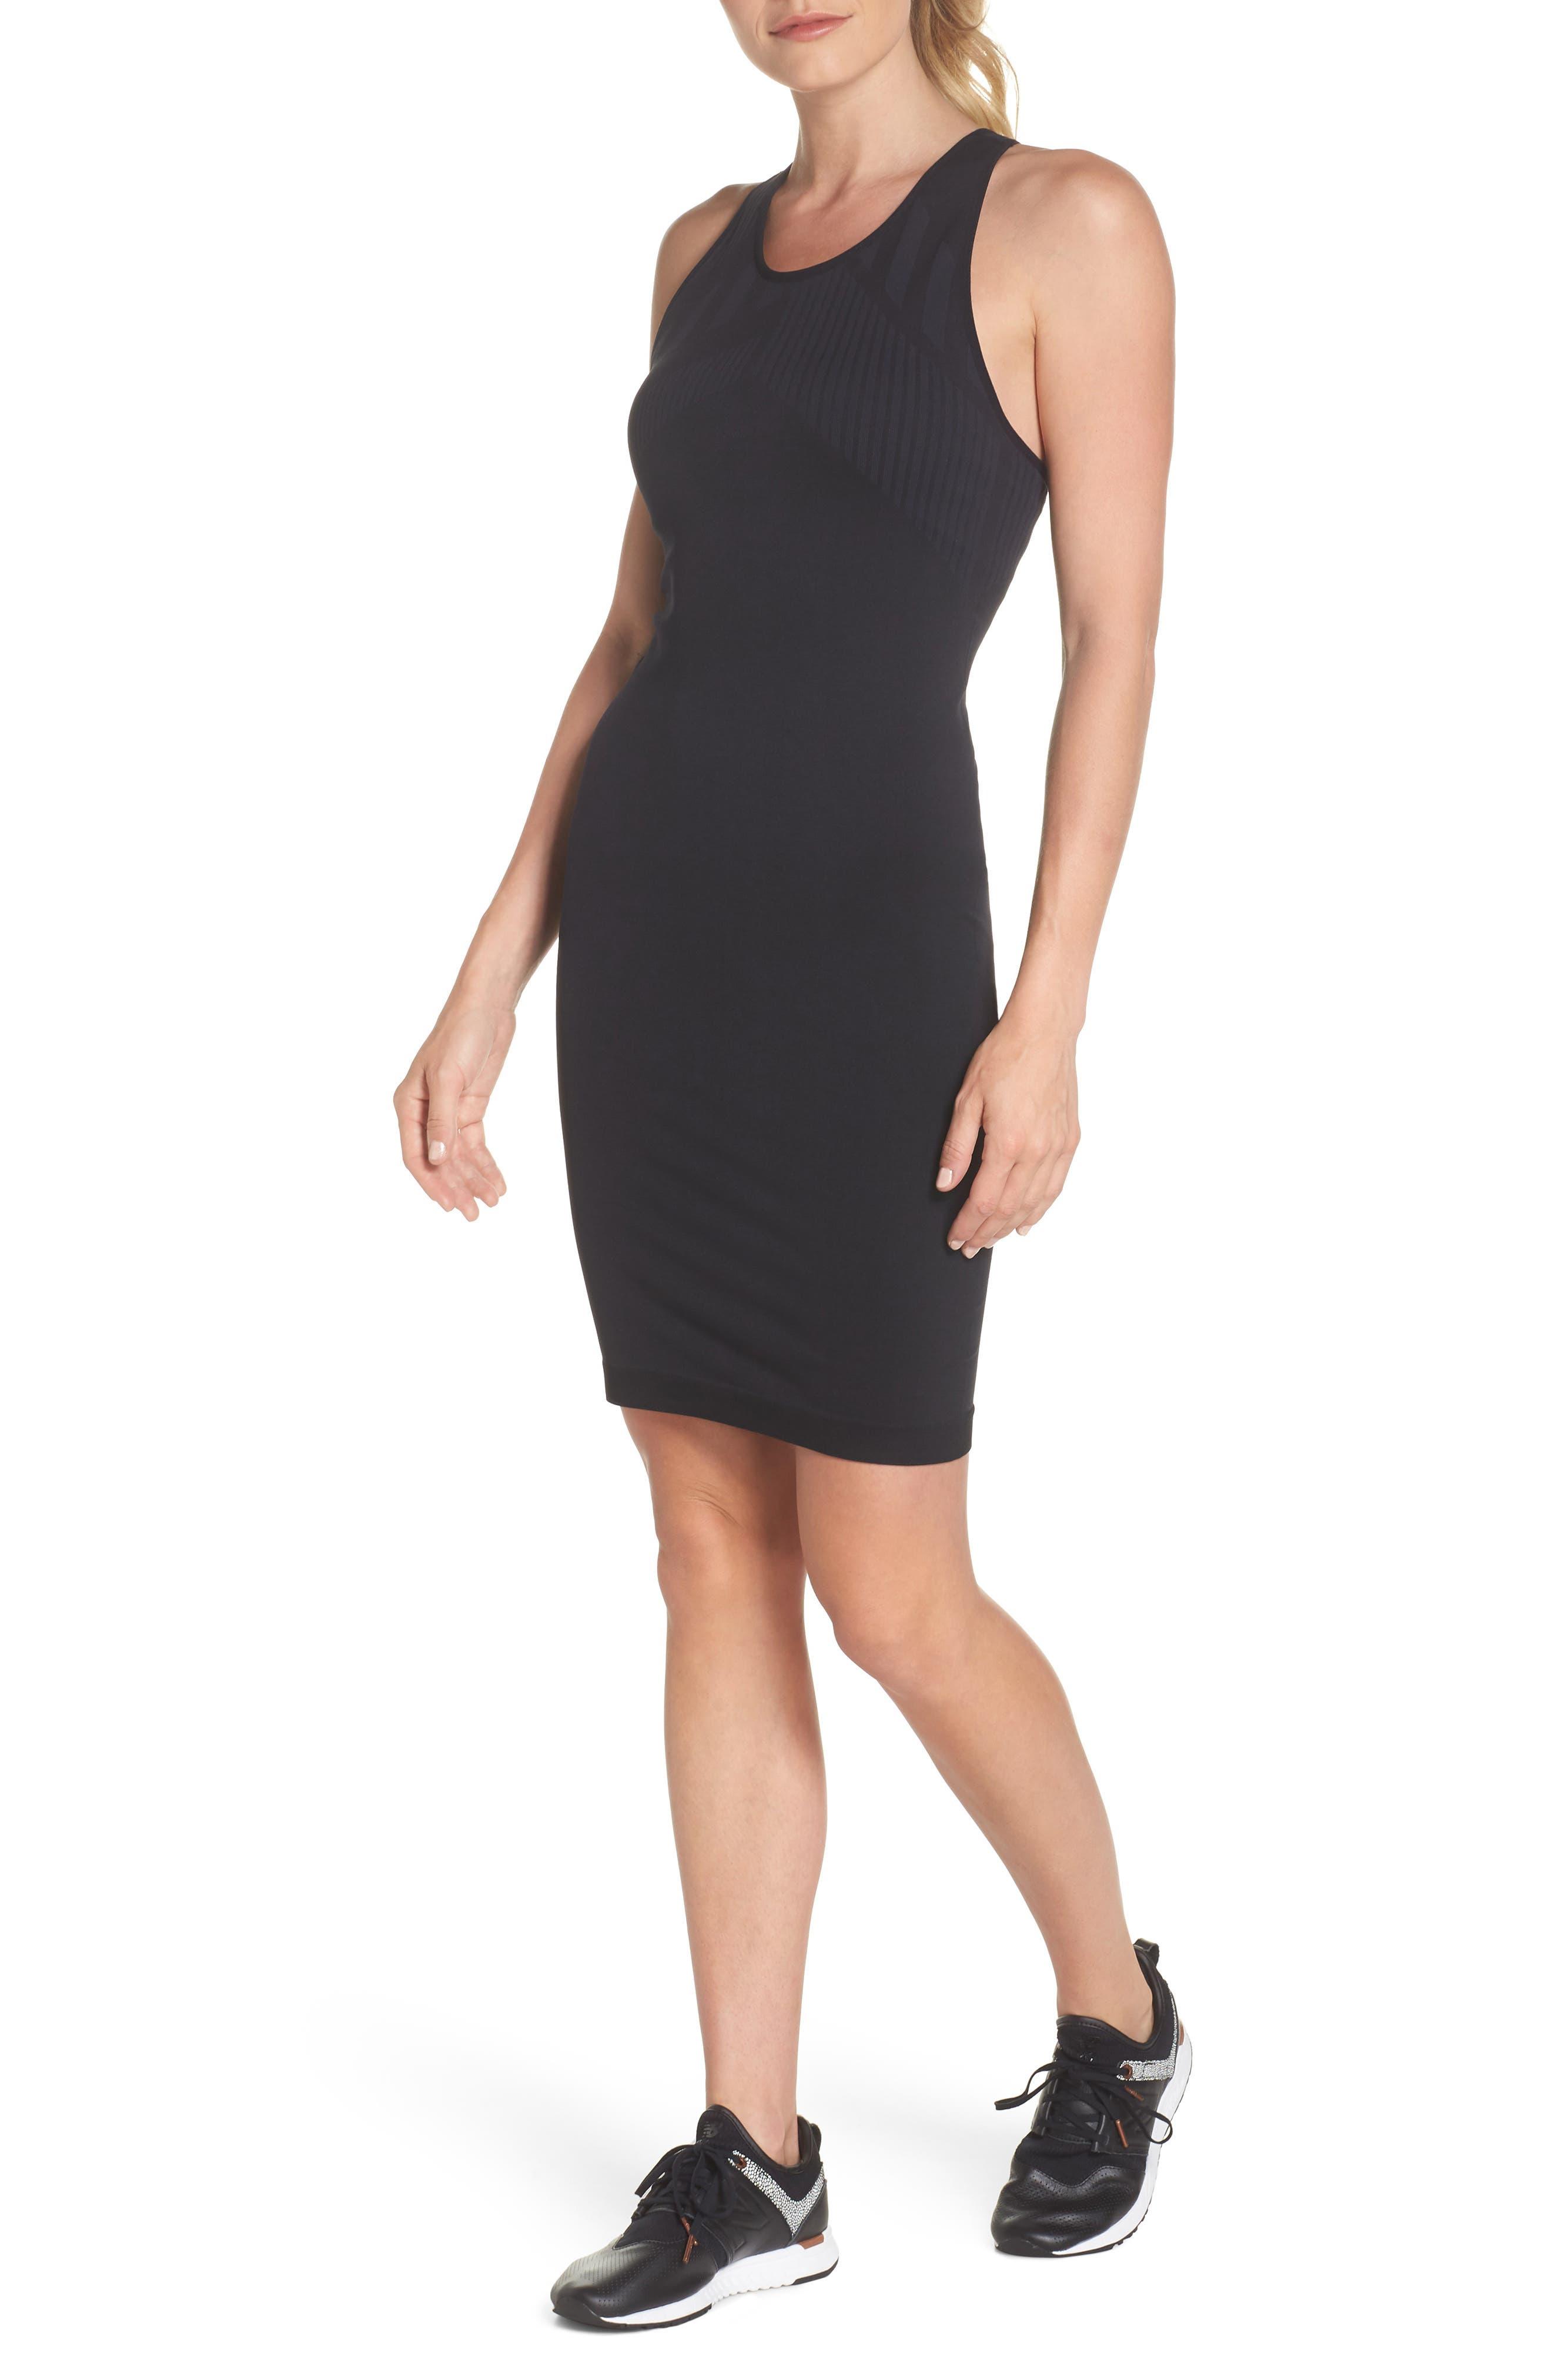 Spectrum Dress,                             Main thumbnail 1, color,                             Black